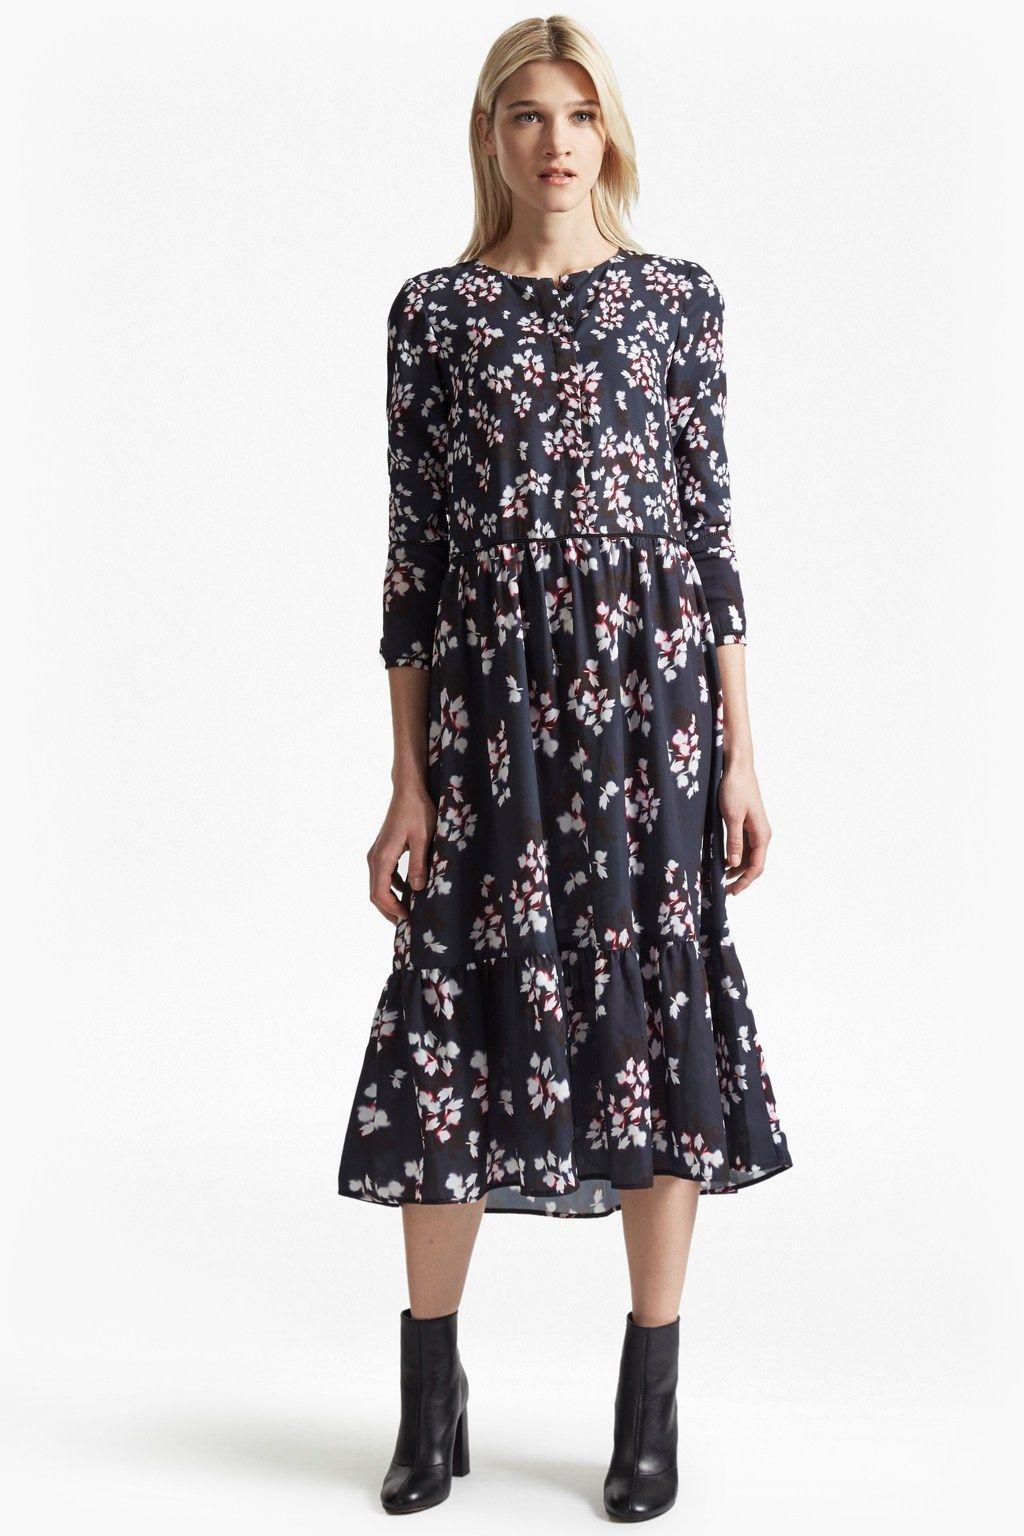 French Connection Women's Eva Crepe Dress Cheap Sale 100% Original Cheap Sale Get Authentic 100% Original cp8qKrhC2